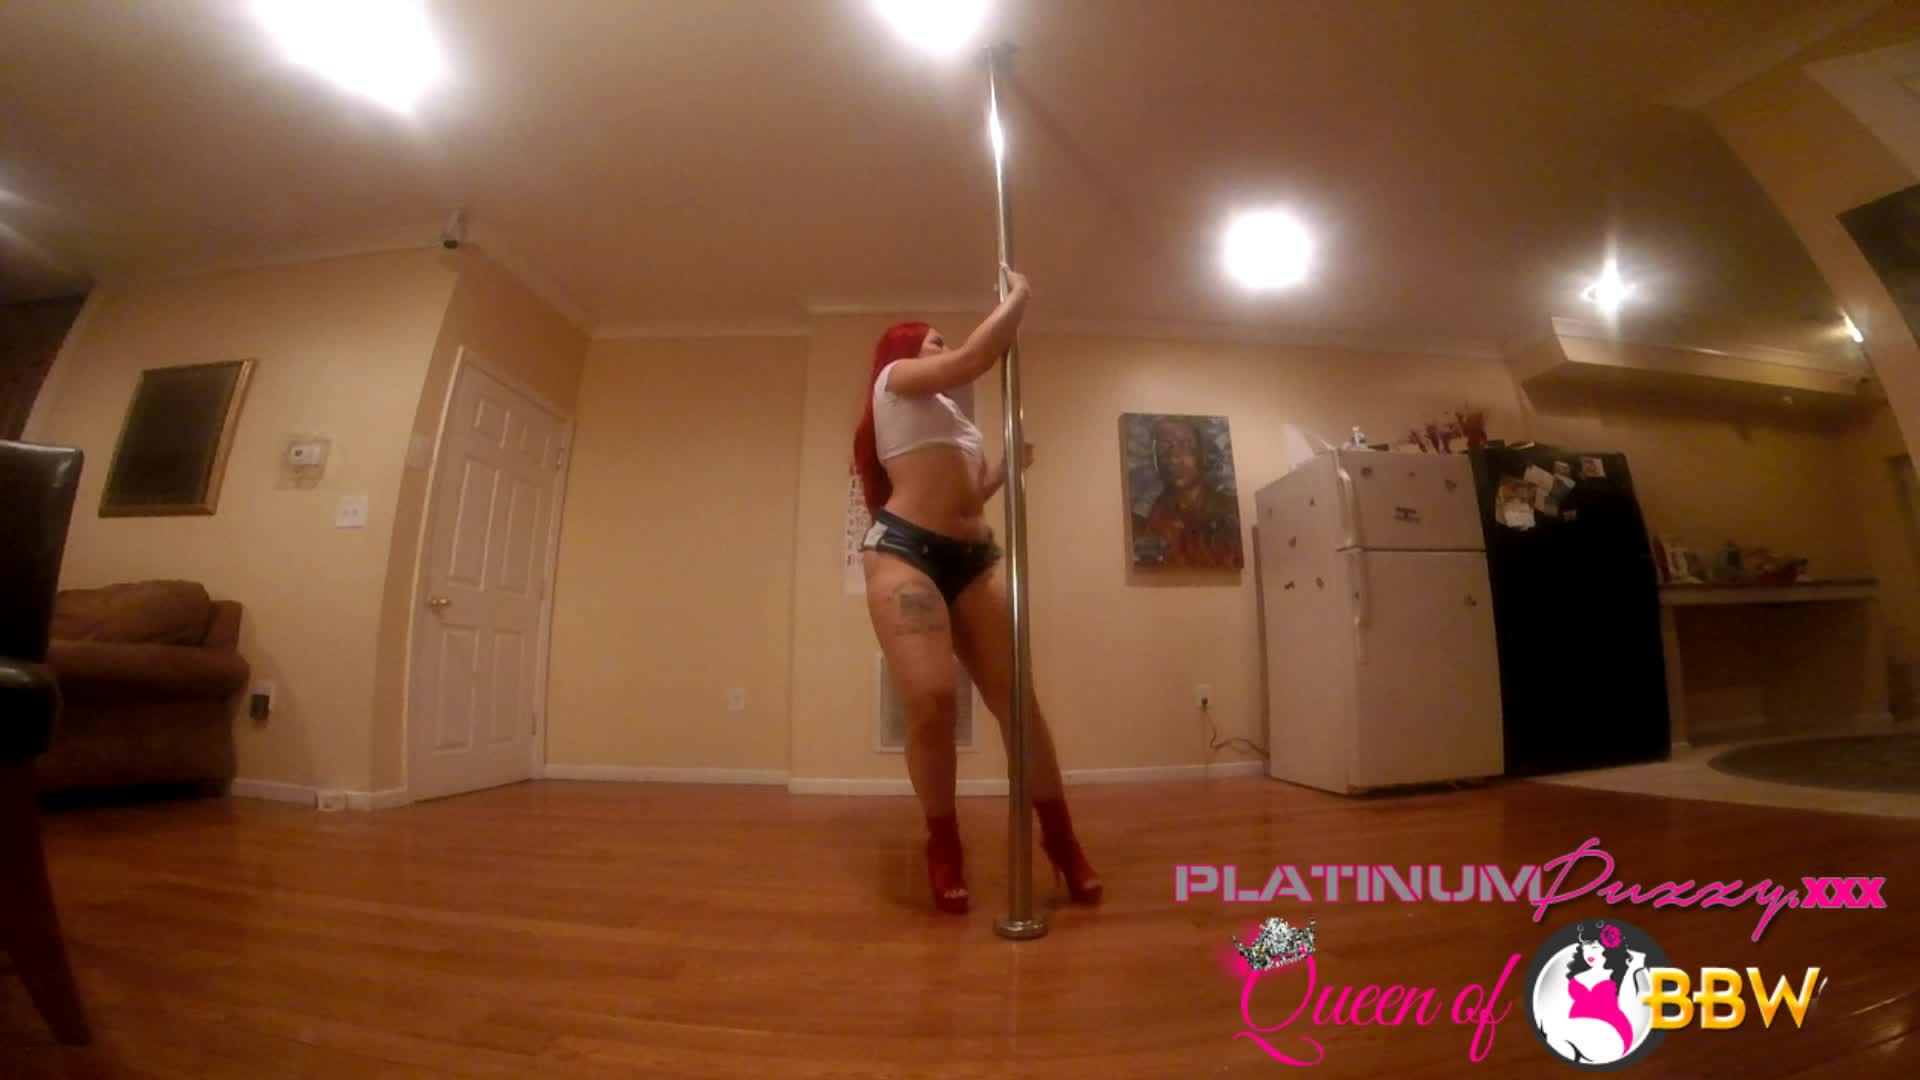 PlatinumPuzzycom'd vid